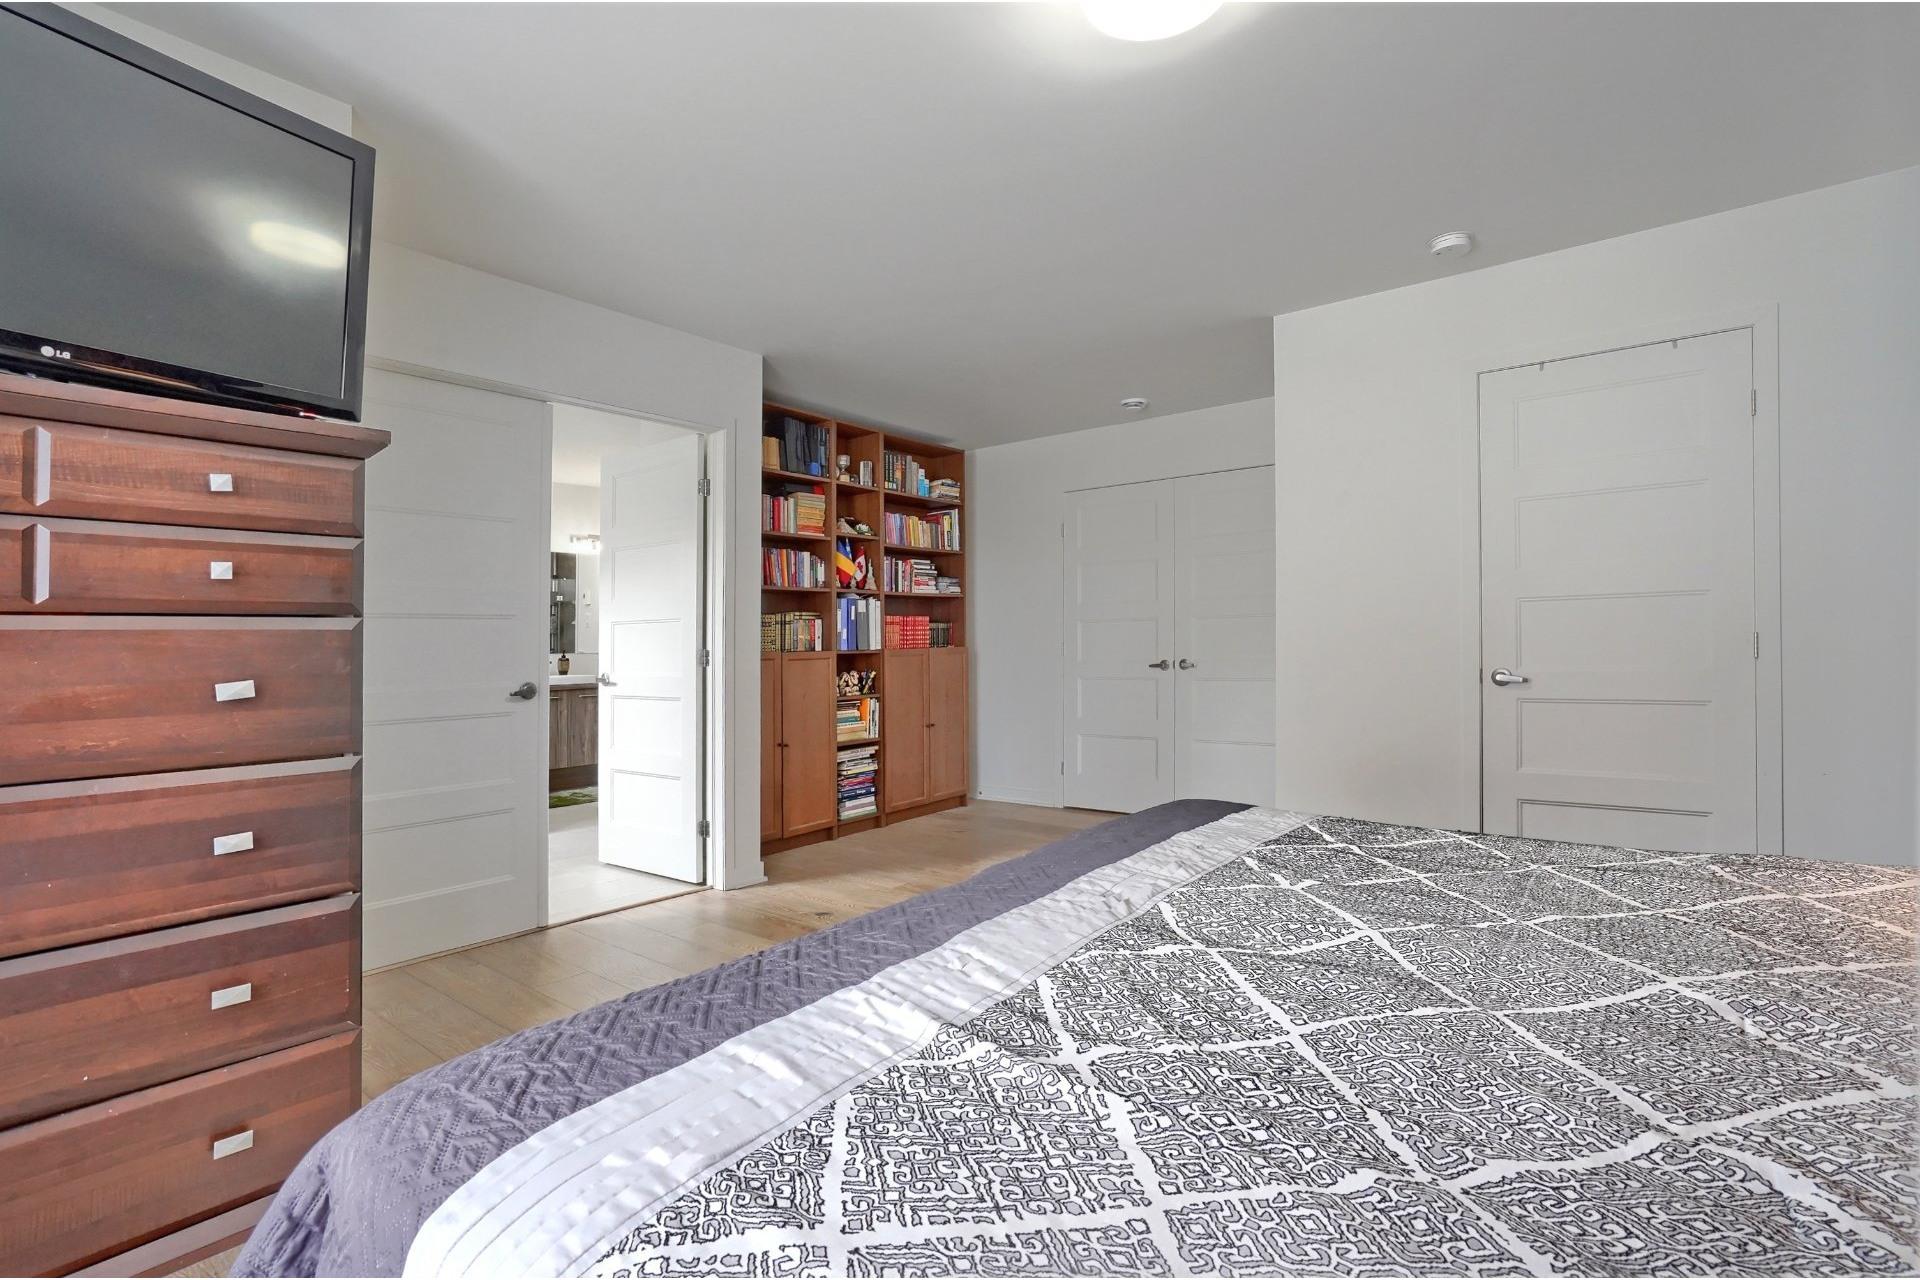 image 7 - Appartement À vendre Brossard - 7 pièces